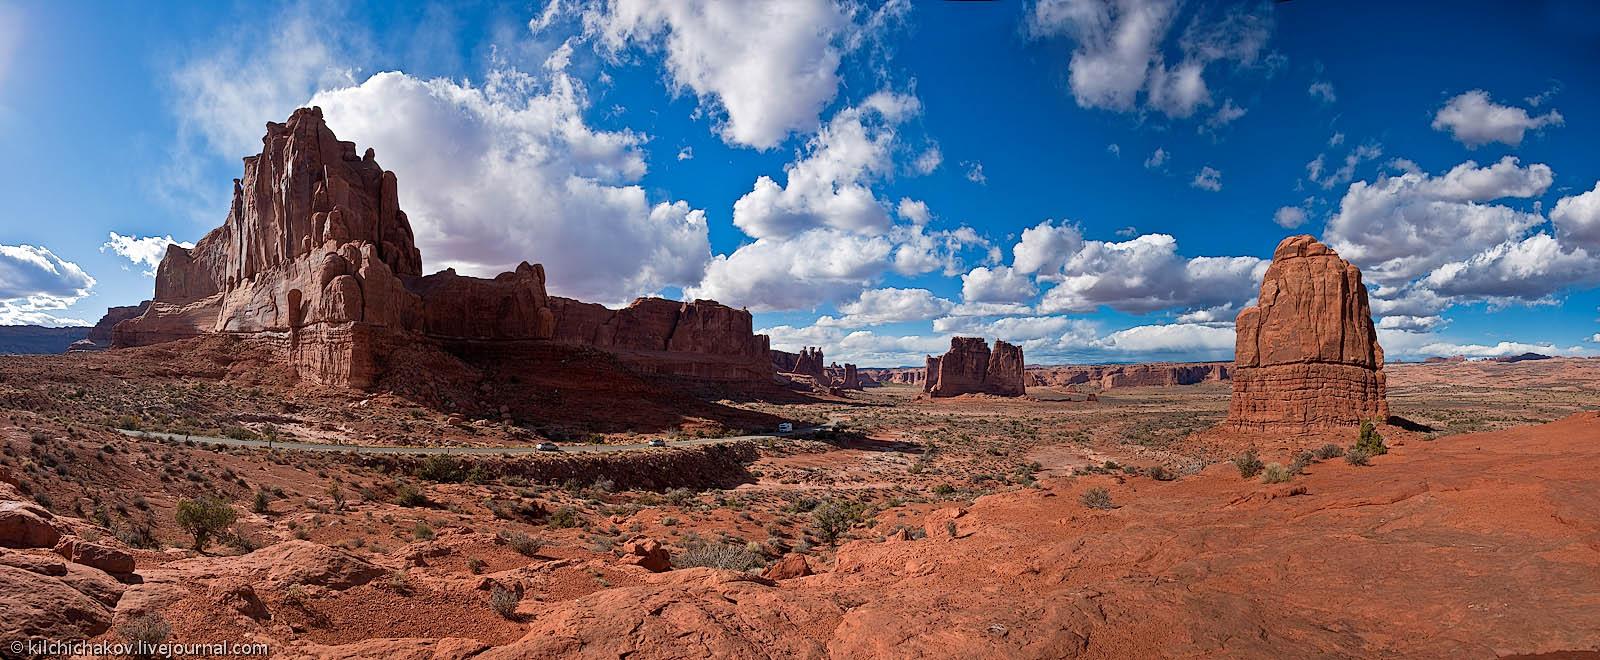 DSC05603-Panorama